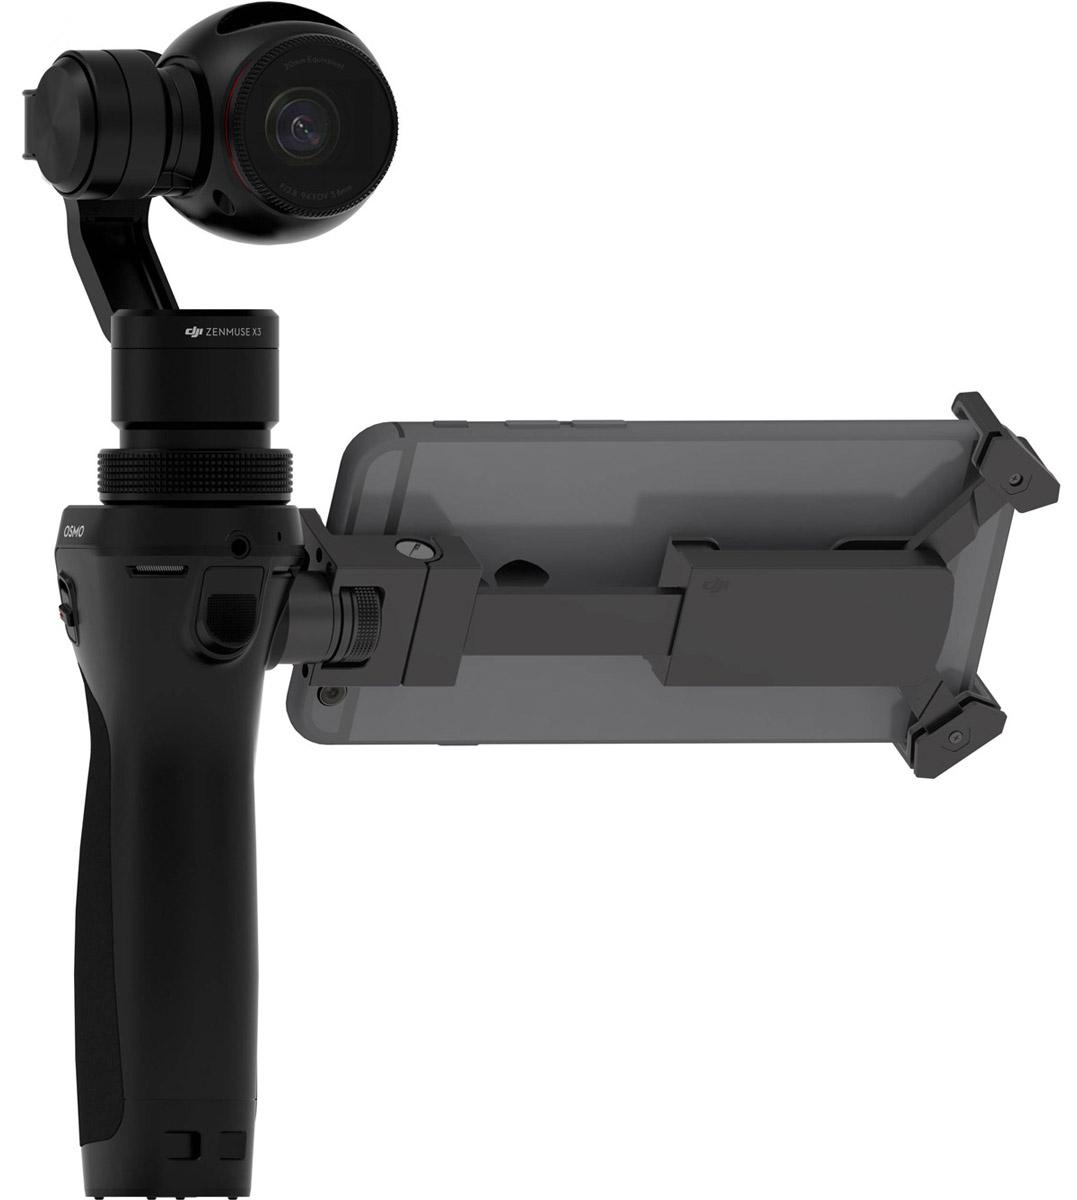 DJI OSMO X3 экшн-камераOSMO X3Представьте: движение без размытия, четкие динамичные кадры, идеальное плавное видео даже на бегу. Все это возможно благодаря новым технологиям, разработанным специально для стабилизации камеры в любых условиях. Открывайте новые возможности съемки вместе с ручным стабилизатором DJI Osmo. Это не просто камера. Это – свобода творчества. Специально разработанный девятикомпонентный объектив подарит вам чистые и четкие изображения. Этот прямолинейный широкоугольный объектив придает драматичности снимку без геометрических искажений, характерных для камер данного размера. Разработчики DJI Osmo вложили много труда в создание этой мощной, но компактной камеры для того, чтобы вы могли снимать видео в 4K с частотой 30 кадров в секунду и четкие качественные 12-мегапиксельные фотографии. Компания DJI всегда специализировалась на создании систем стабилизации для воздушных камер. Труды лучших экспертов по усовершенствованию данной технологии воплотились...